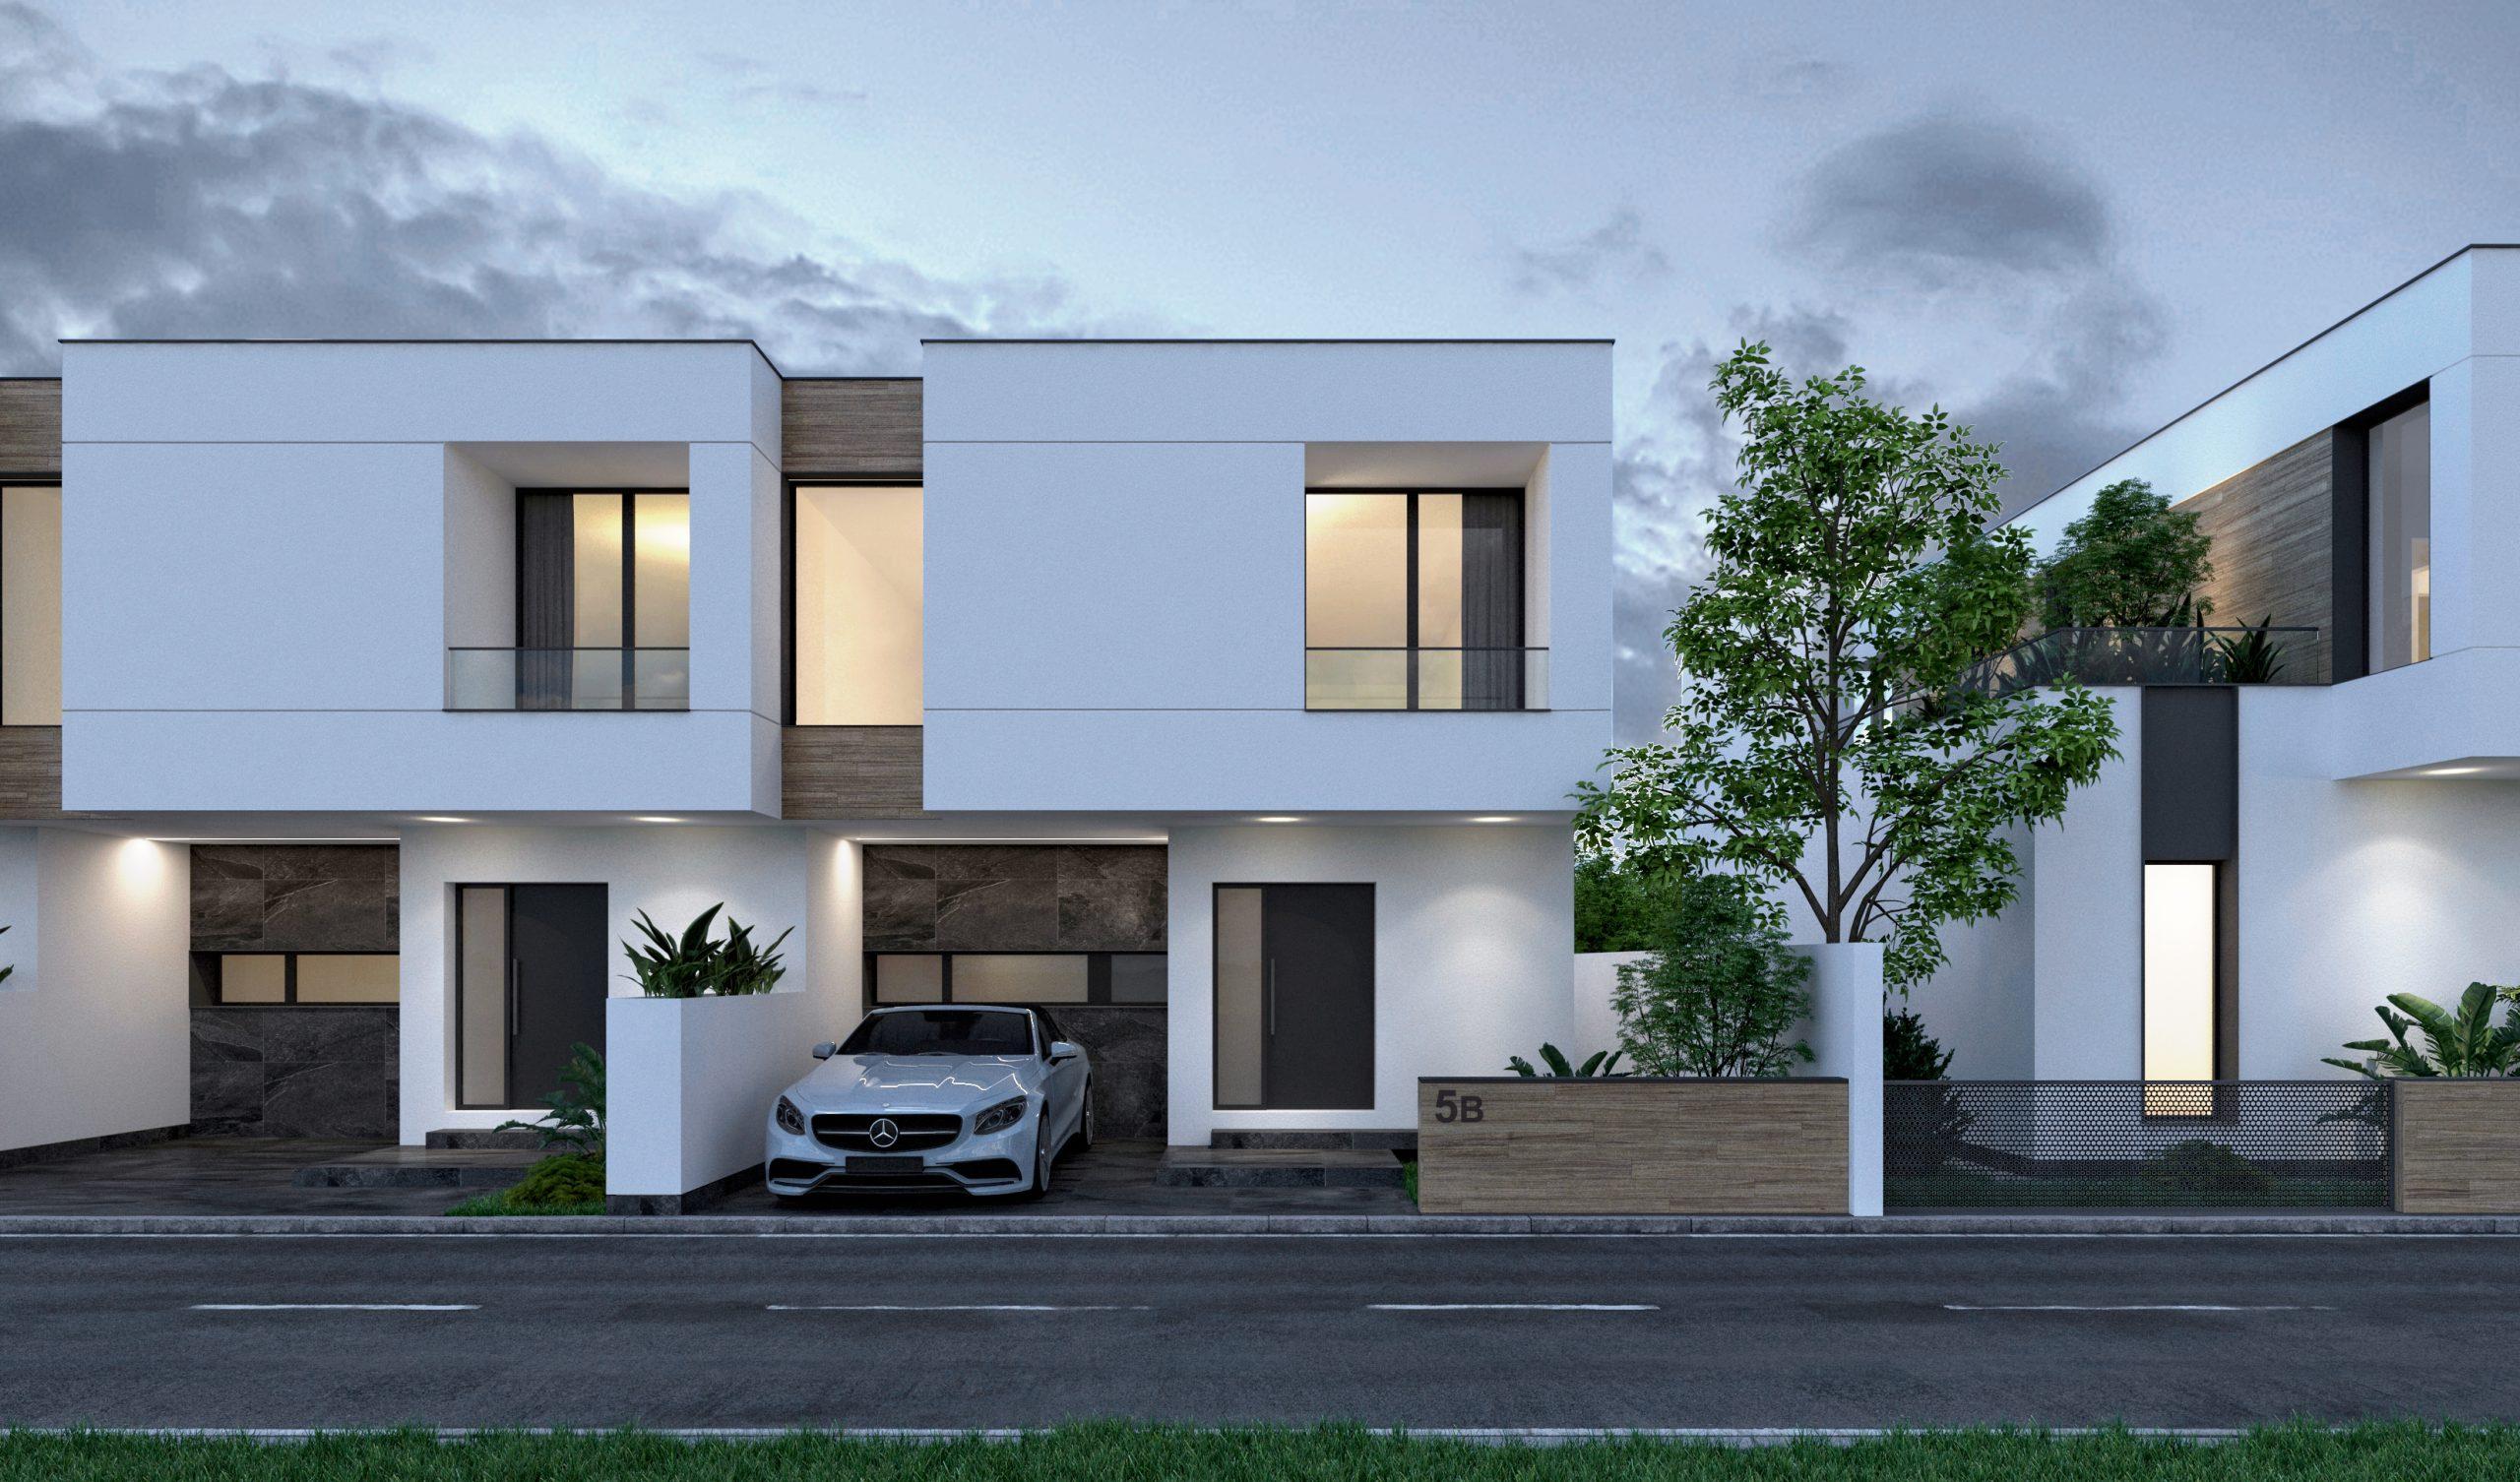 casa-b1-exterior-02-rya-lago-mamaia-constanta